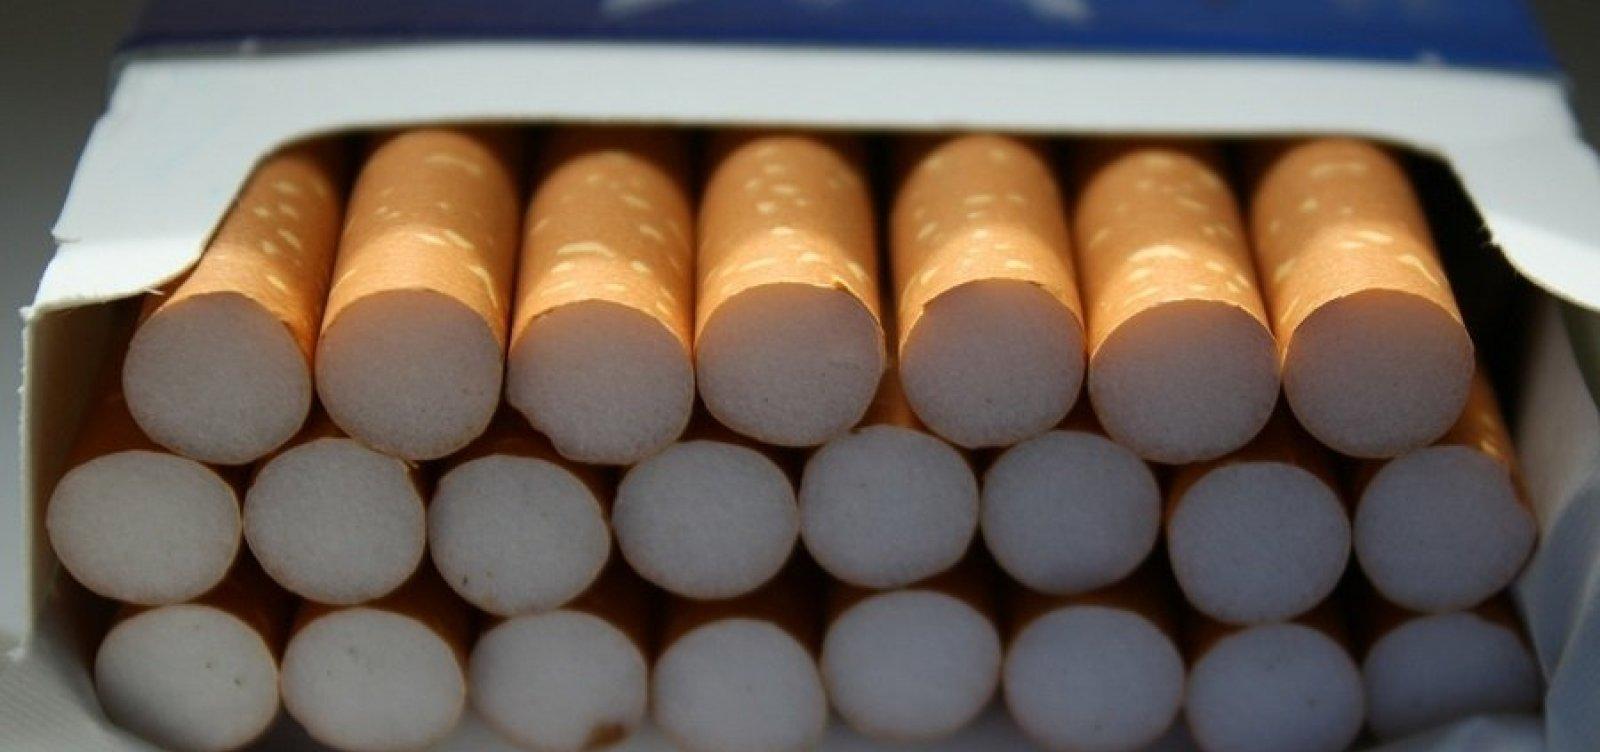 Operação contra fraude na venda de cigarros cumpre mandado em Salvador